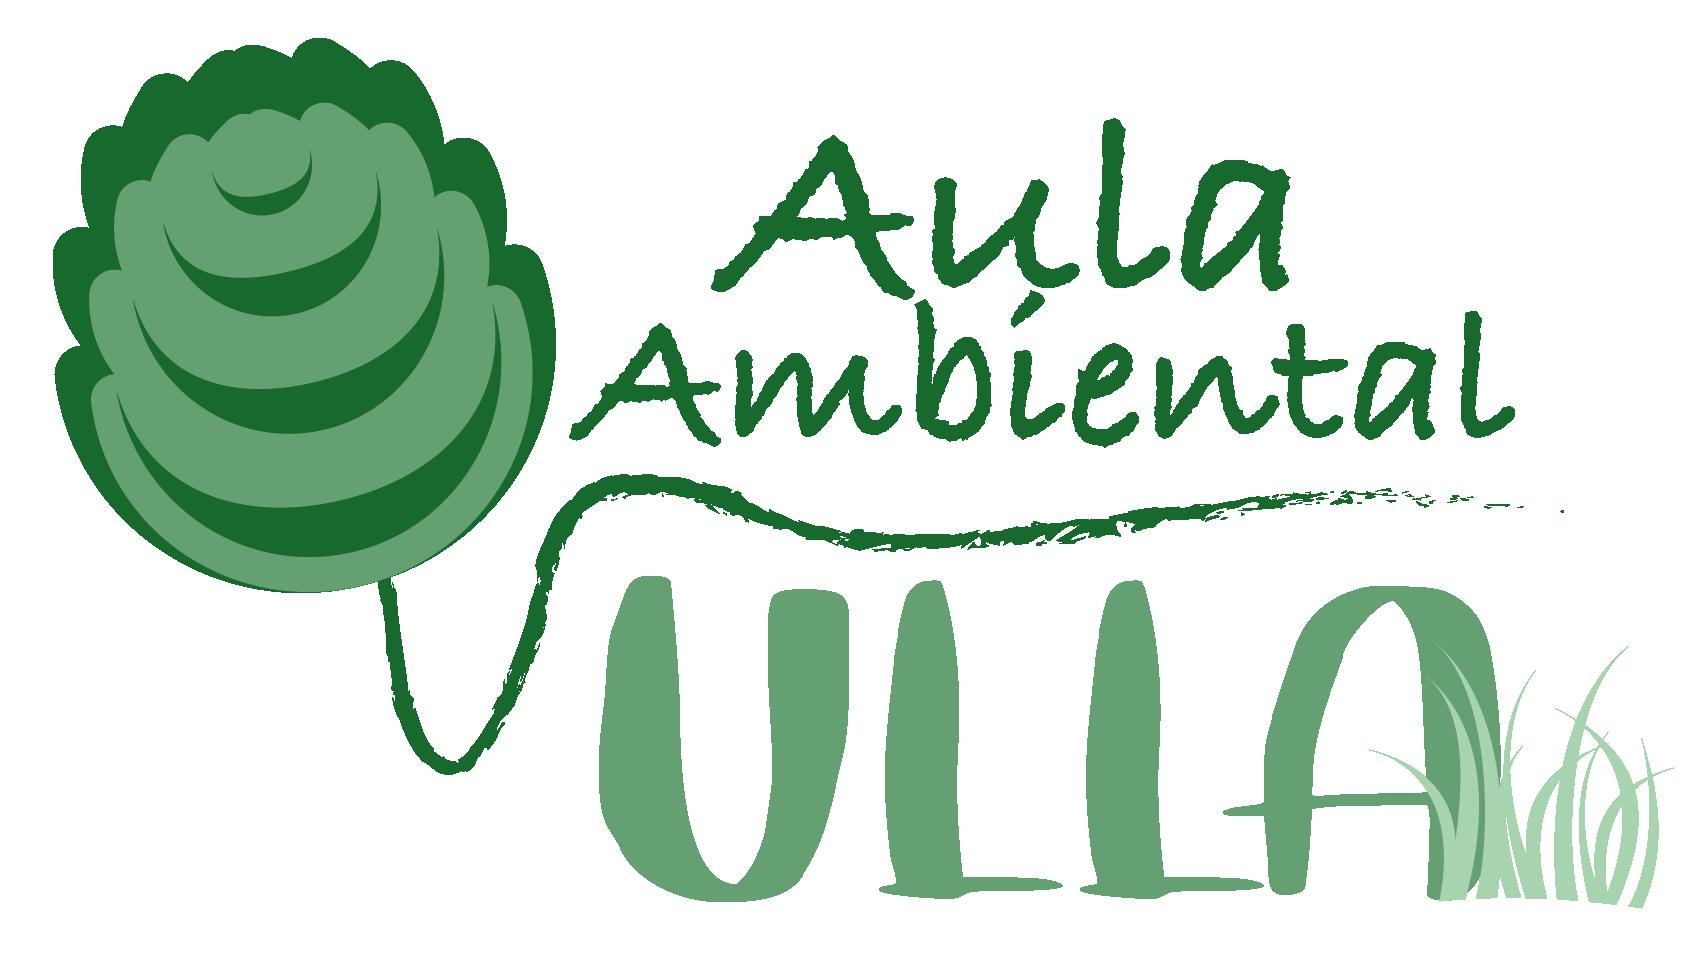 Aula Ambiental Ulla